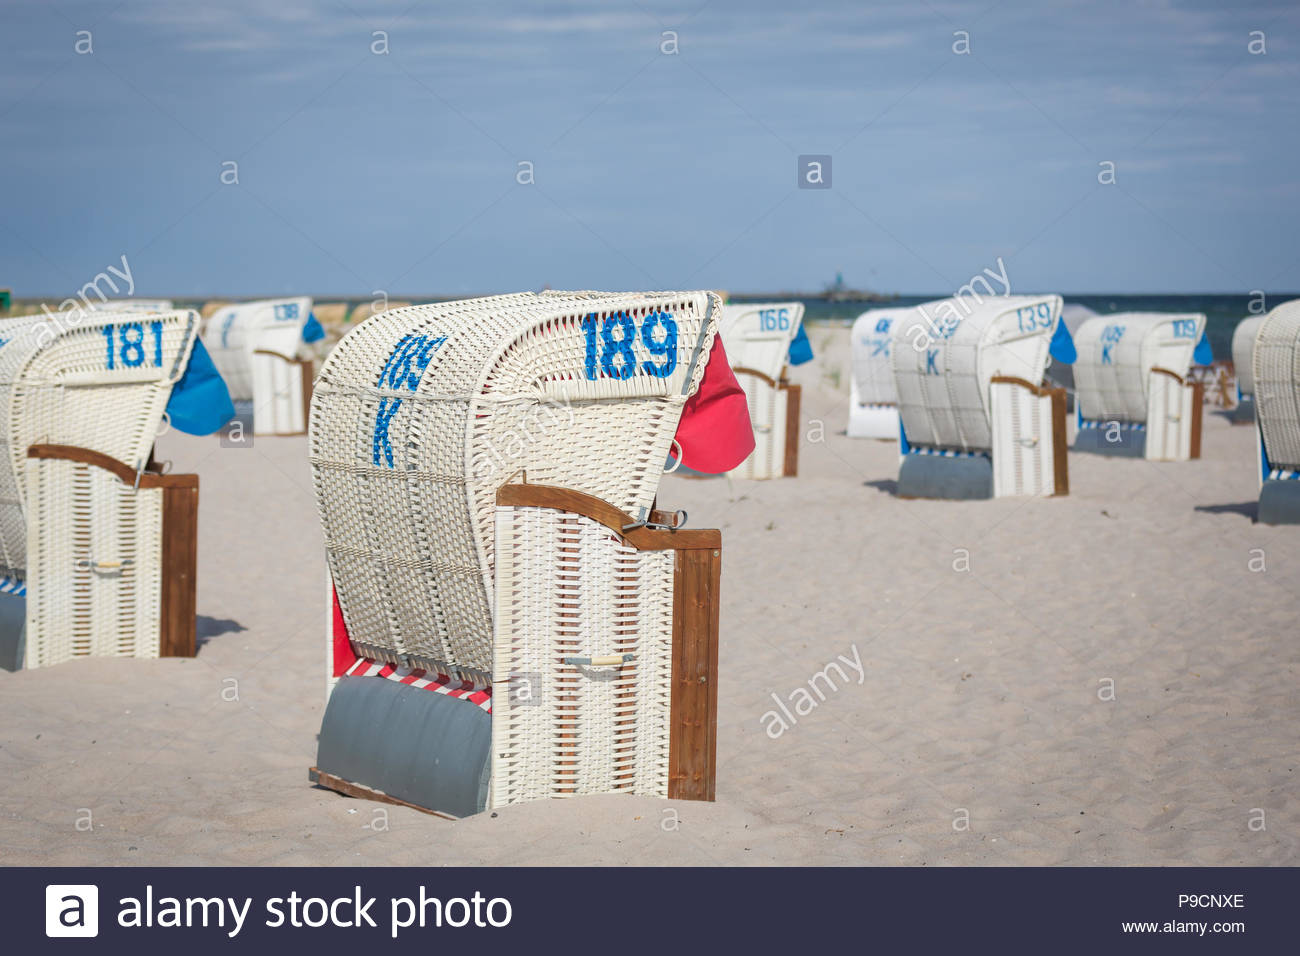 Juli 2018, Strandkörbe am Strand des Ostseeheilbades Grömitz in Schleswig-Holstein. - Stock Image